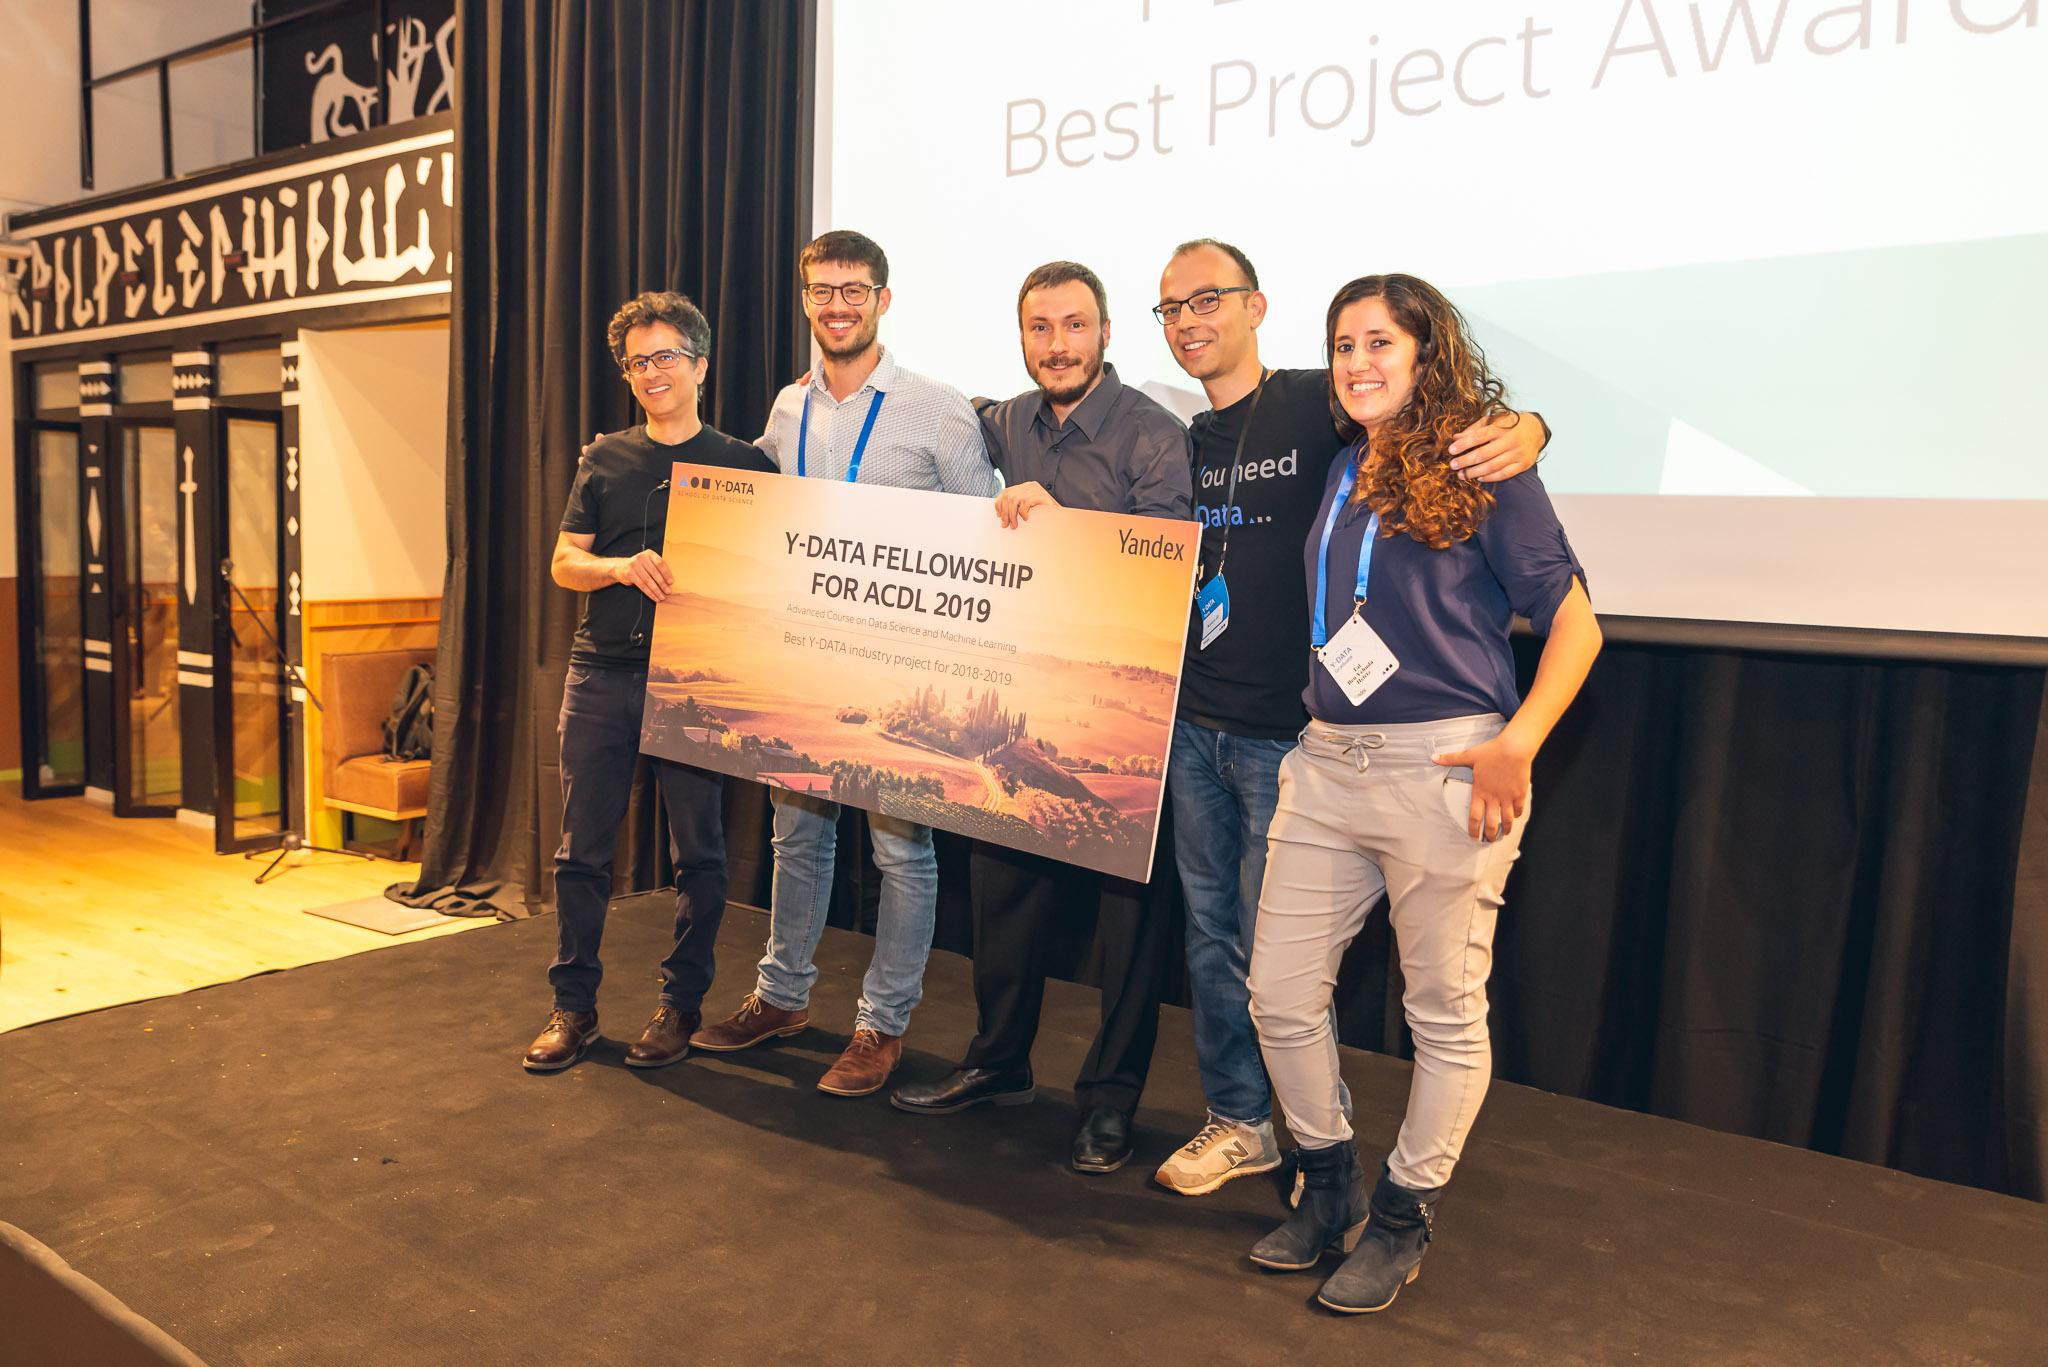 Слева направо: Шломо Кашани (ментор команды), Роман, Илья, Костя Килимник (куратор Y-DATA), Таль.